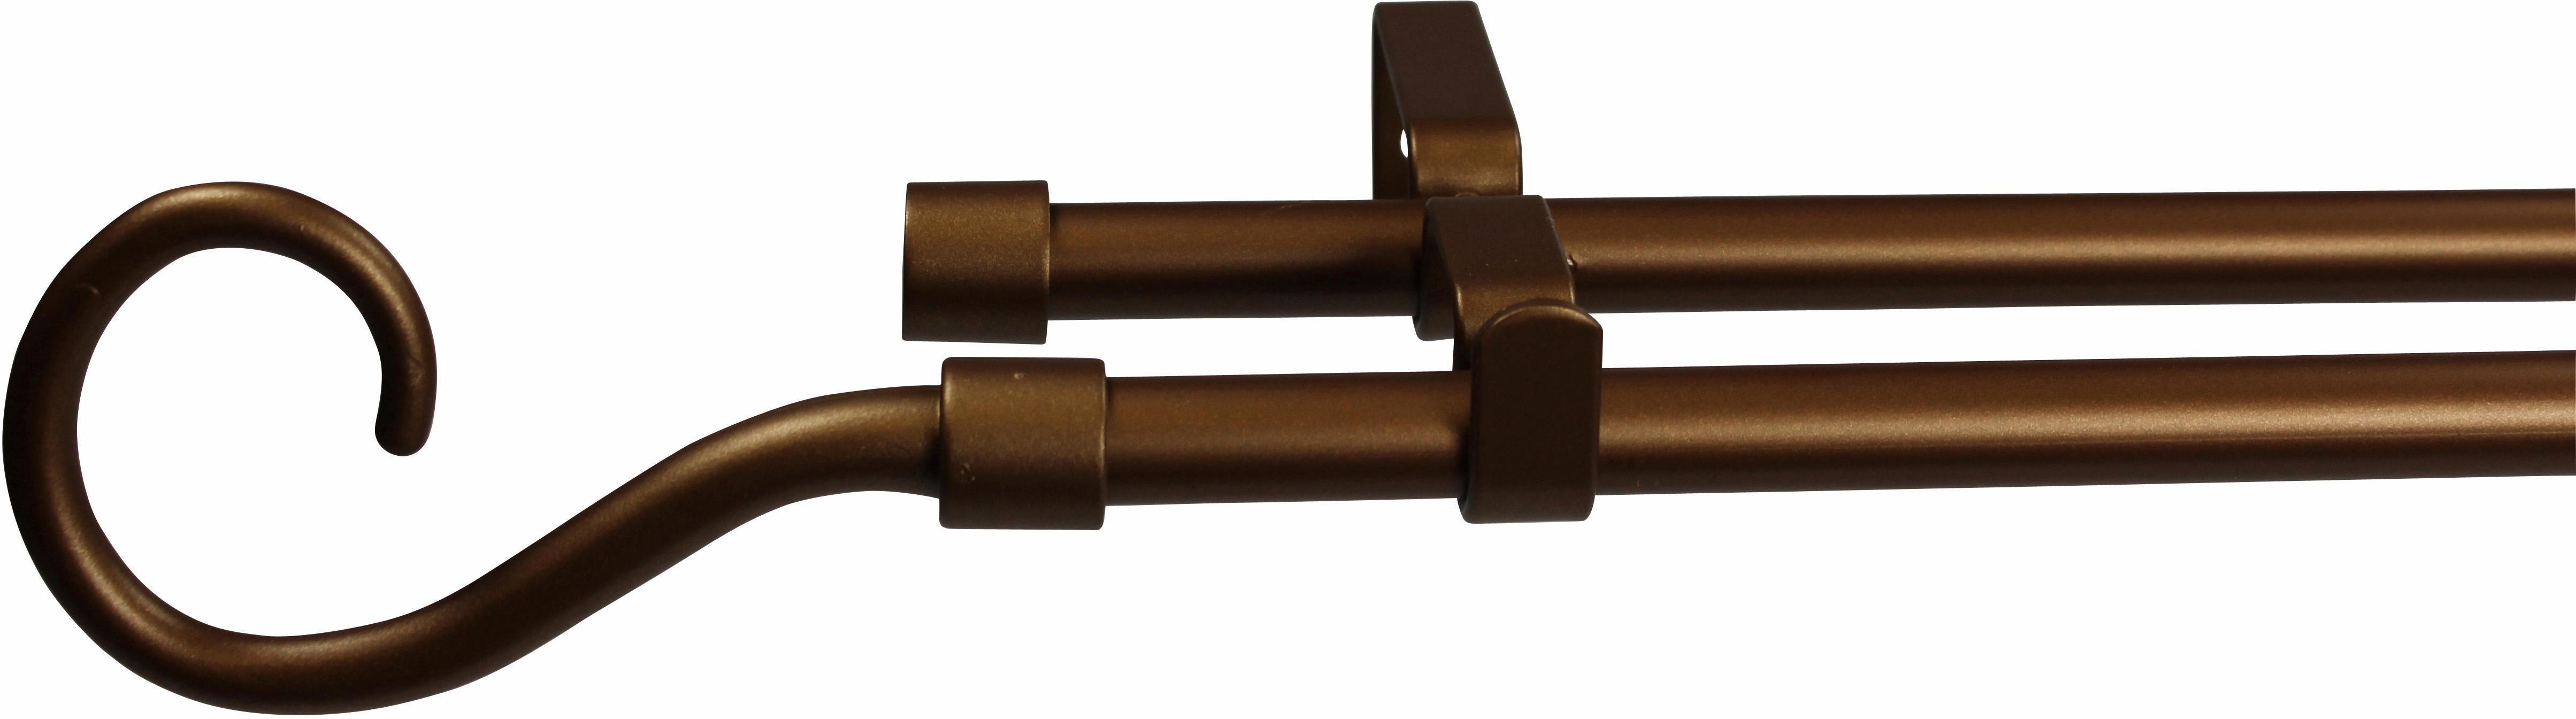 Gardinenstange 16 mm Krokur, ohne Ringe, nach Maß | Heimtextilien > Gardinen und Vorhänge > Gardinenstangen | GARESA